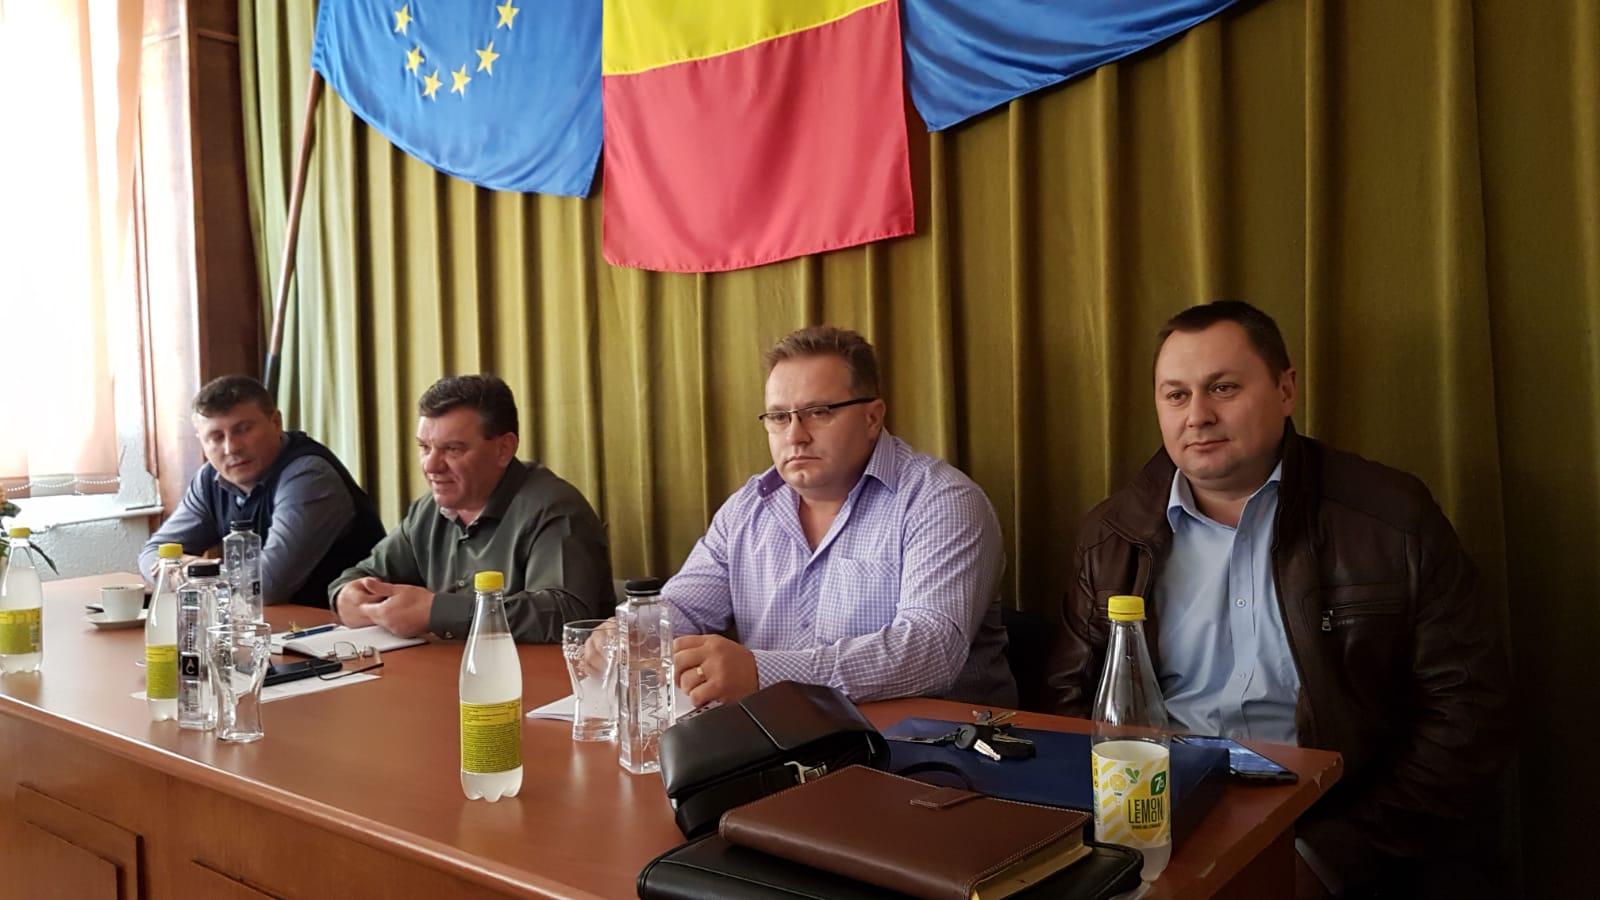 12.11.2018 -  S-a constituit un nou Birou Teritorial SNPPC la PF Cトネトビaナ殃